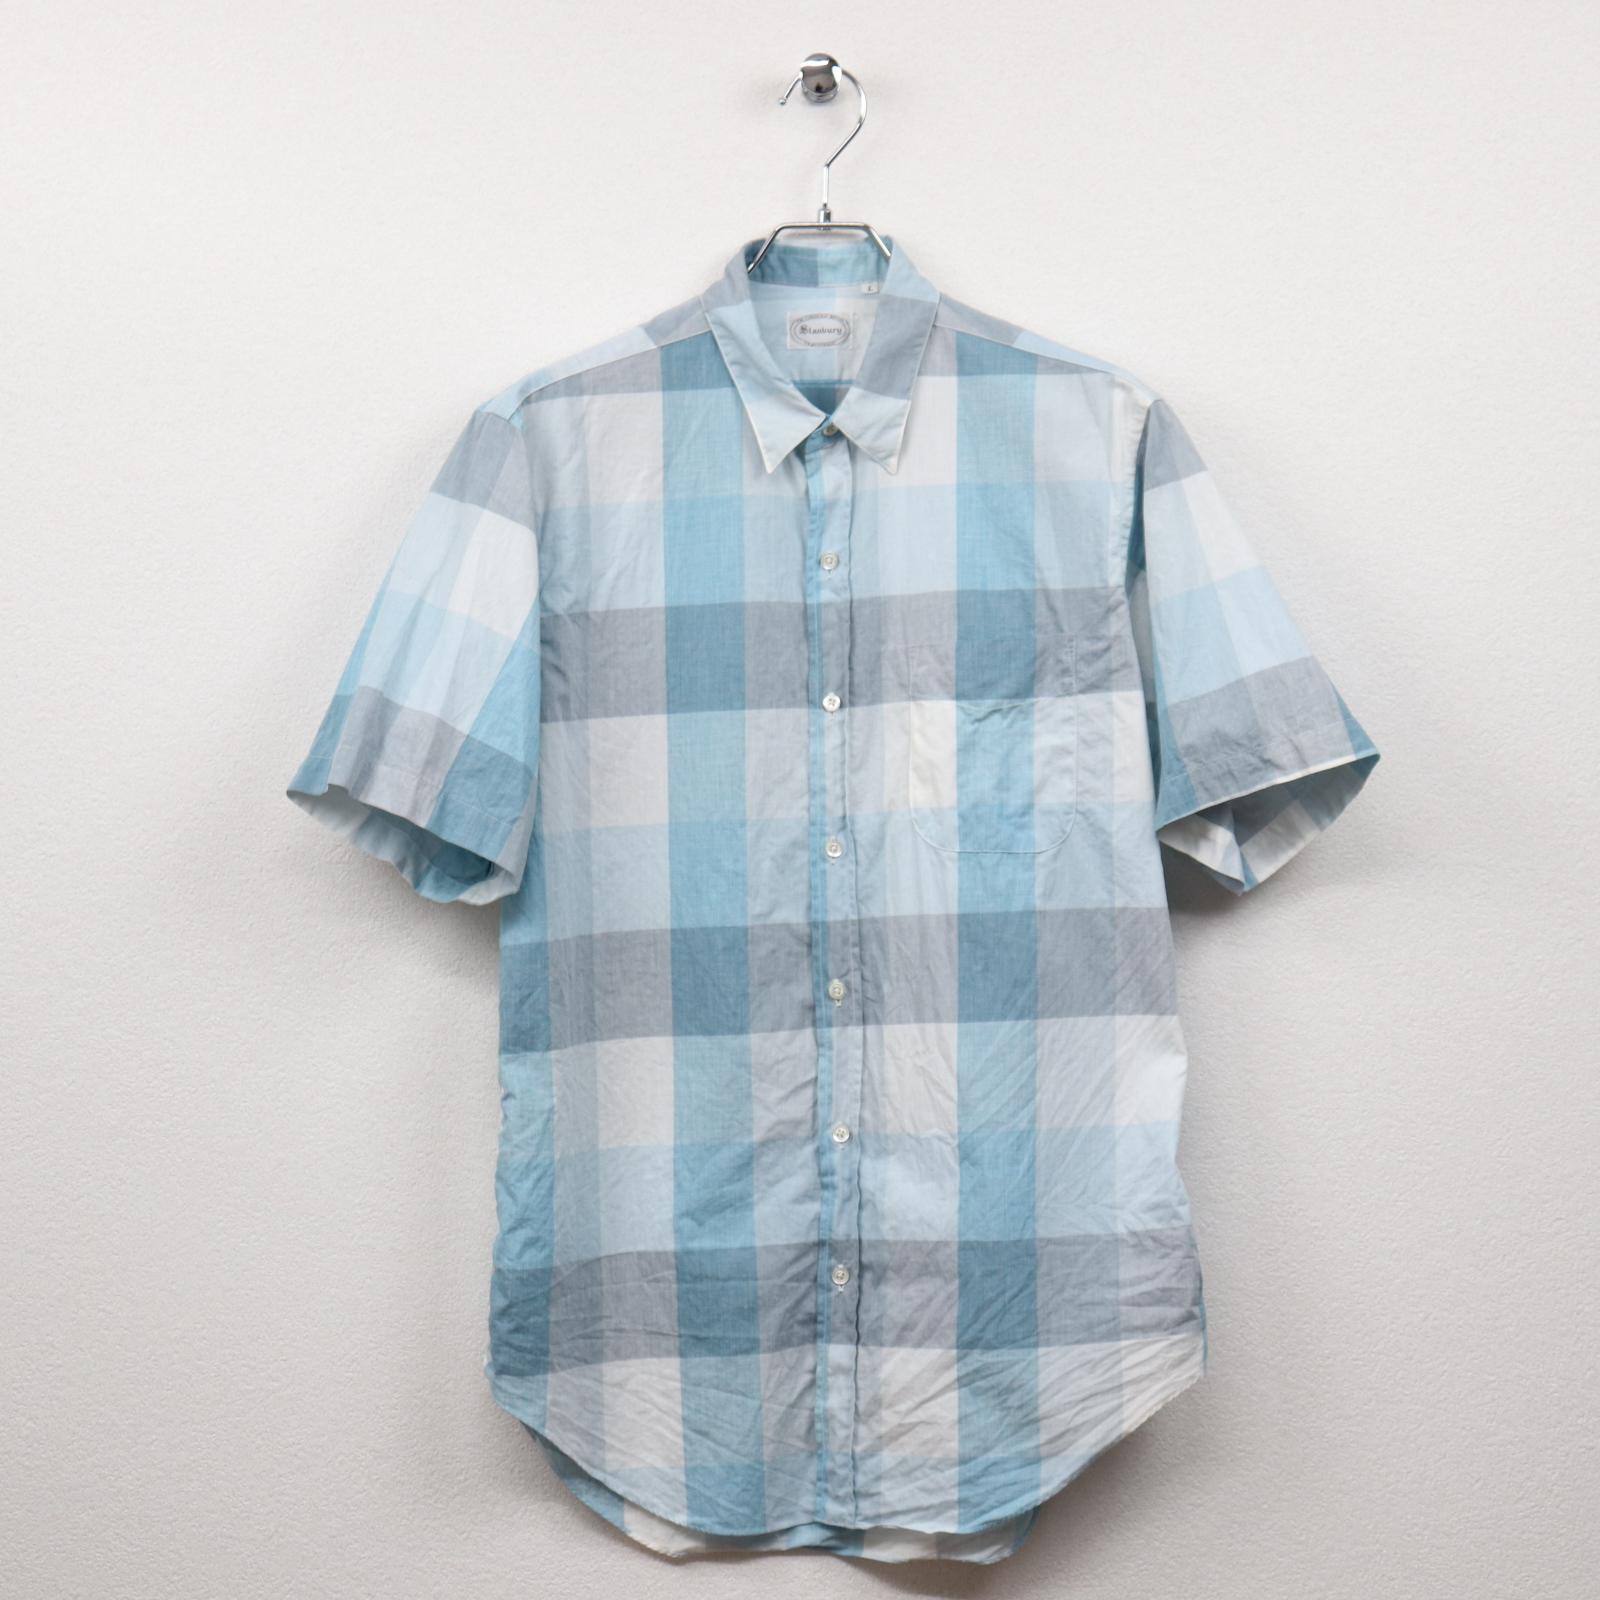 スタンバリー(Stanbury)チェック柄半袖レギュラーシャツ Lサイズ コンディションB ブルー系 価格1,980(税込)